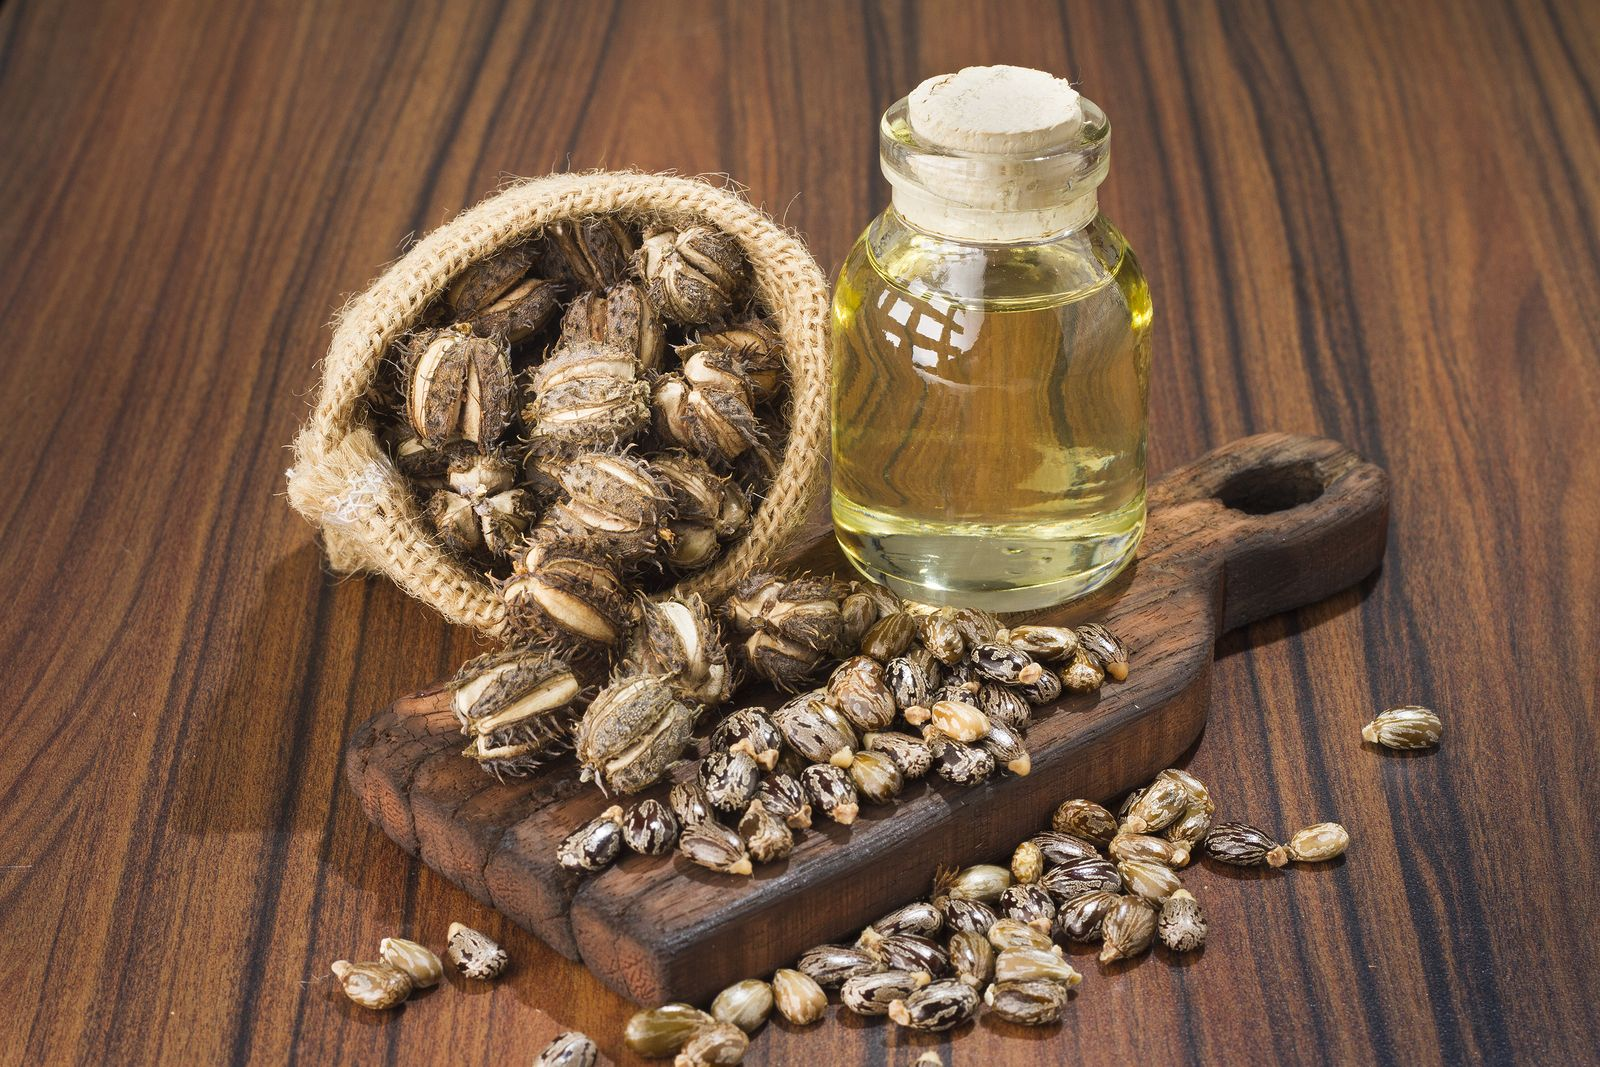 Se puede usar el aceite de ricino para cocinar?